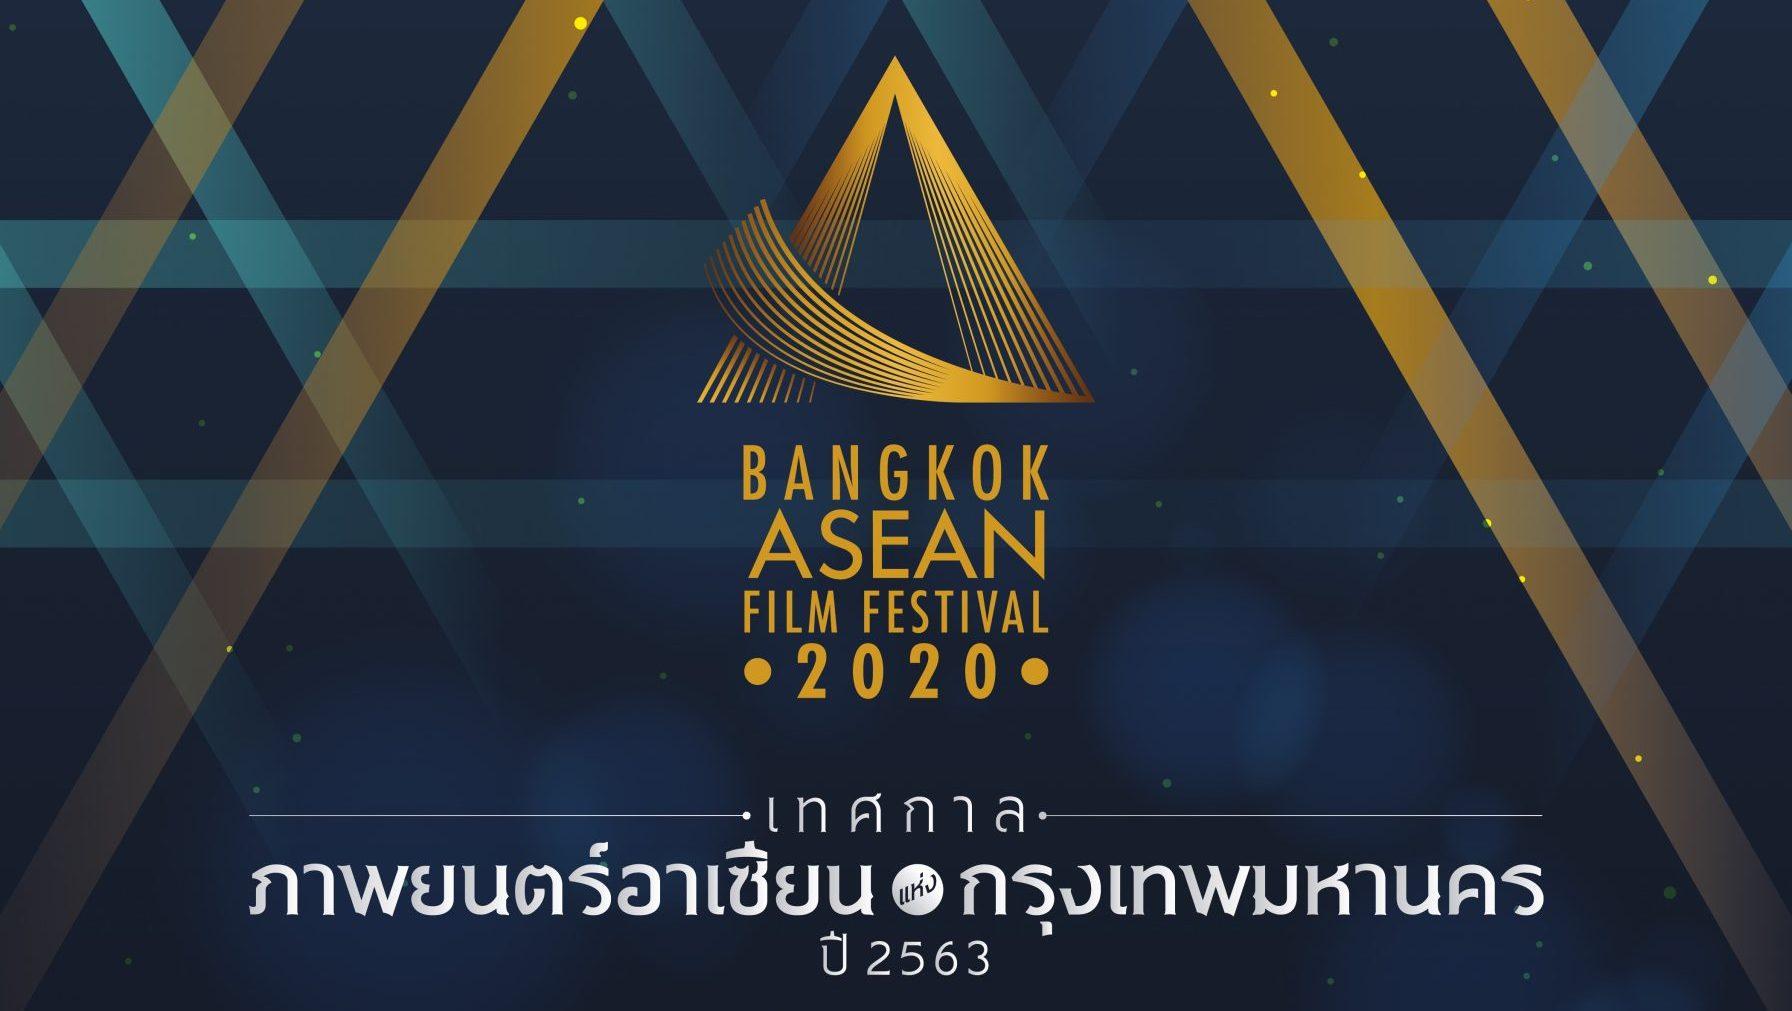 เปิดให้ลงทะเบียน เทศกาลภาพยนตร์อาเซียนแห่งกรุงเทพมหานคร 2563 จัดฉายฟรี! ทุกเรื่อง ทุกรอบ ณ โรงภาพยนตร์ เอส เอฟ เวิลด์ ซีเนม่า